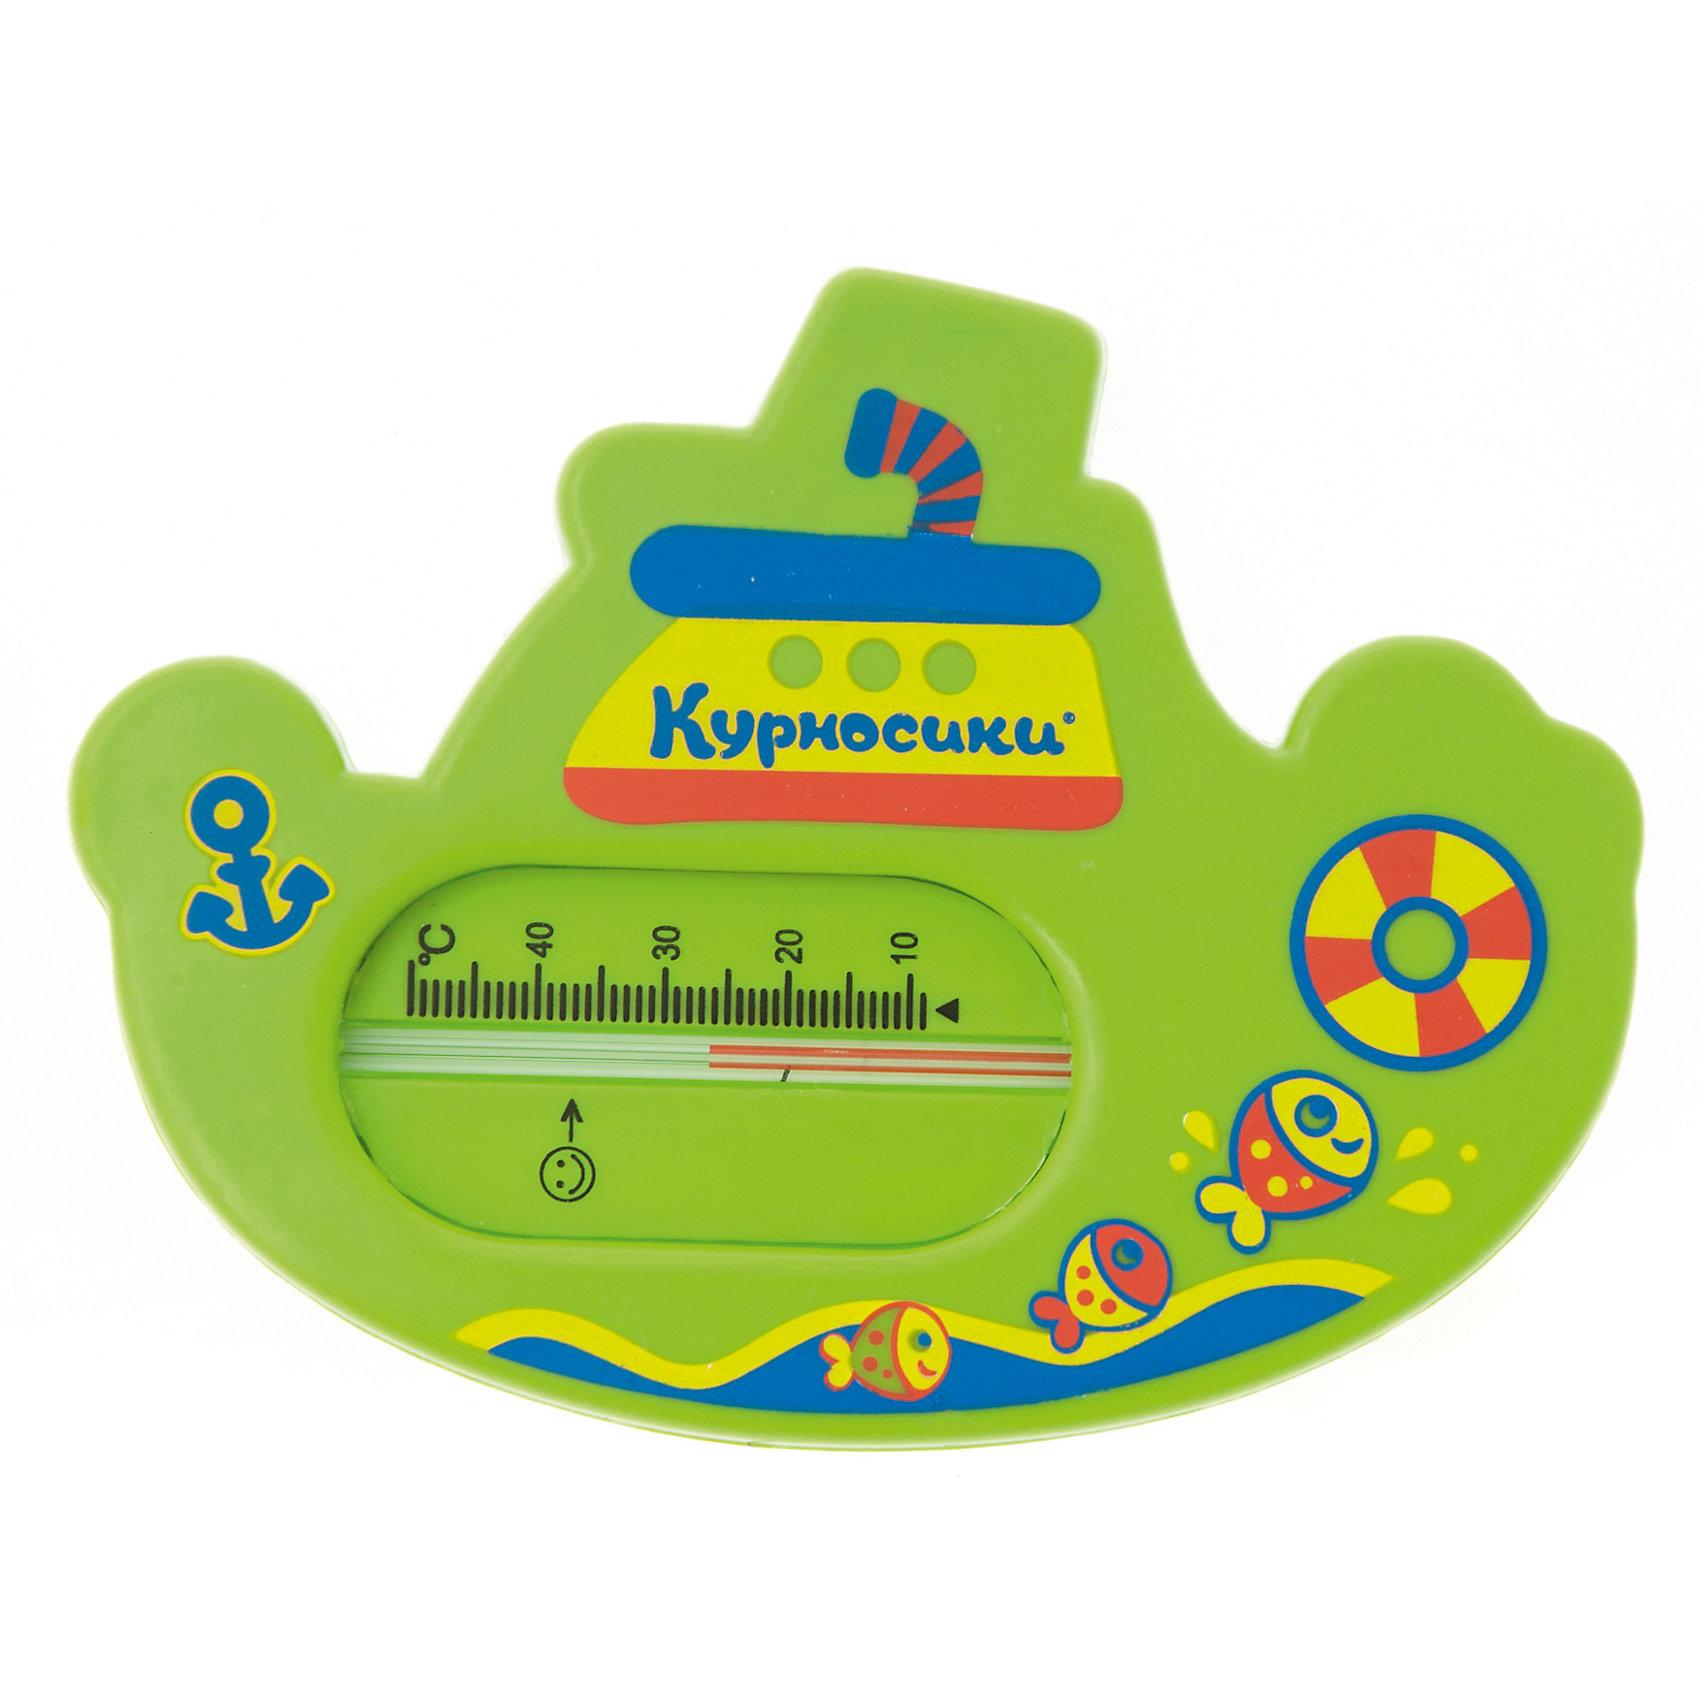 Термометр для ванны Пароходик, Kurnosiki, зеленыйХарактеристики:<br><br>• Наименование: термометр для ванны<br>• Материал: пластик<br>• Пол: универсальный<br>• Цвет: зелёный<br>• Форма: пароходик<br>• Тип шкалы: по Цельсию <br>• Максимальное значение: 50? С<br>• Минимальное значение: 9? С<br>• Нанесена отметка напротив оптимальной температуры для купания<br>• Ударопрочный корпус <br>• Не содержит ртути<br>• Отсутствие острых углов<br>• Вес: 100 г<br>• Параметры (Д*Ш*В): 10*5*10 см <br>• Особенности ухода: сухая и влажная чистка<br><br>Термометр для ванны Пароходик, Kurnosiki, желтый выполнен из ударопрочного пластика, не содержит ртути. Форма градусника представляет собой пароходик, раскрашенный яркими цветами. Цена деления – 1 градус, напротив оптимальной температуры для купания нанесена отметка в виде смайлика. <br><br>Чтобы градусник определил температуру воды с высокой точностью, его необходимо подержать в воде не менее 1 минуты. Термометр для ванны Пароходик, Kurnosiki, желтый станет незаменимым помощником для мамы во время купания малыша.<br><br>Термометр для ванны Пароходик, Kurnosiki, желтый можно купить в нашем интернет-магазине.<br><br>Ширина мм: 15<br>Глубина мм: 130<br>Высота мм: 170<br>Вес г: 76<br>Возраст от месяцев: 0<br>Возраст до месяцев: 36<br>Пол: Унисекс<br>Возраст: Детский<br>SKU: 5428697